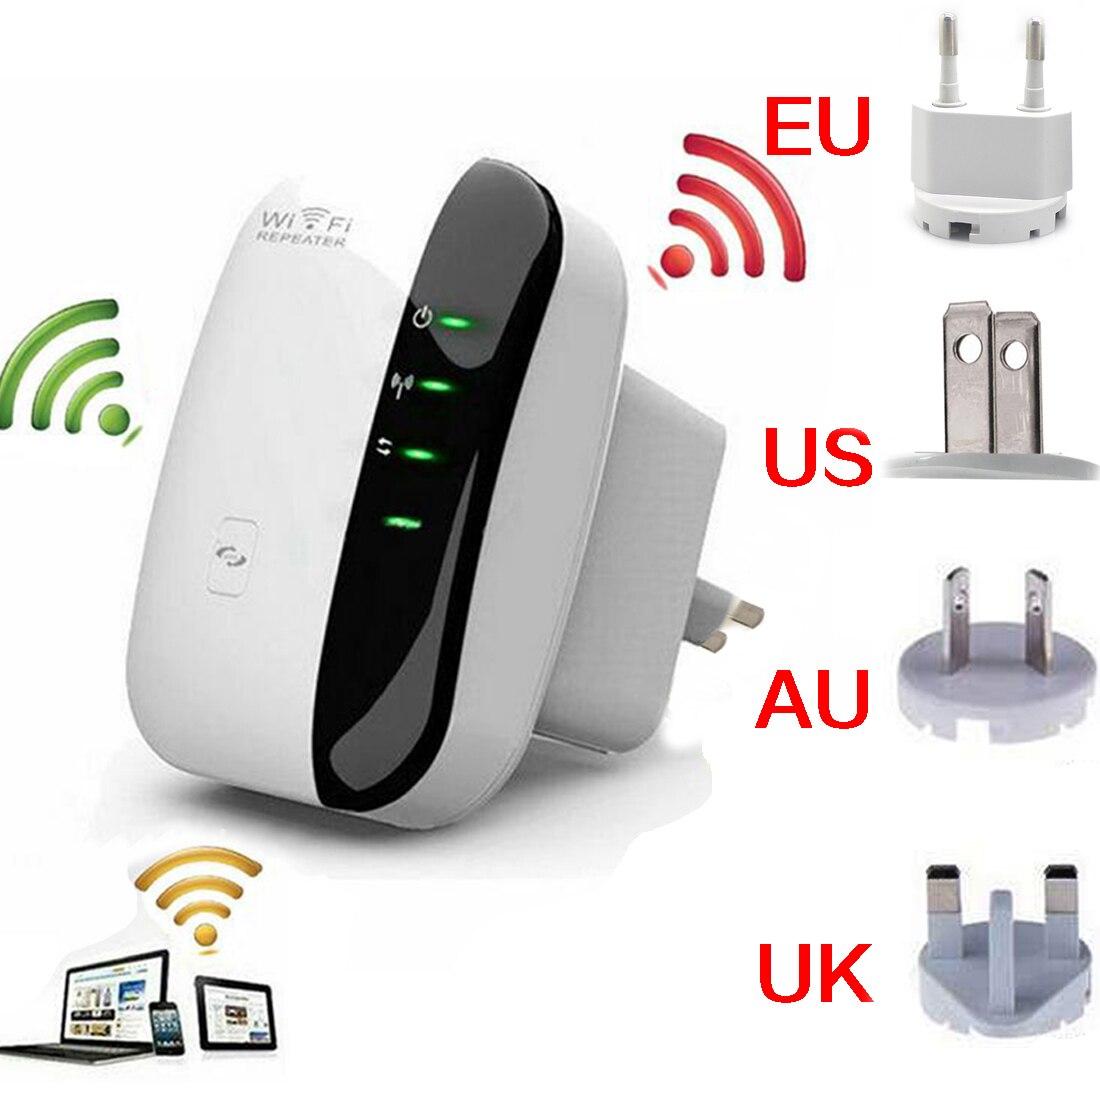 NOYOKER repetidor Wifi inalámbrico 802.11n/b/g red Routers Wi-Fi 300 Mbps de expansión de rango de señal WIFI extensor cifrado